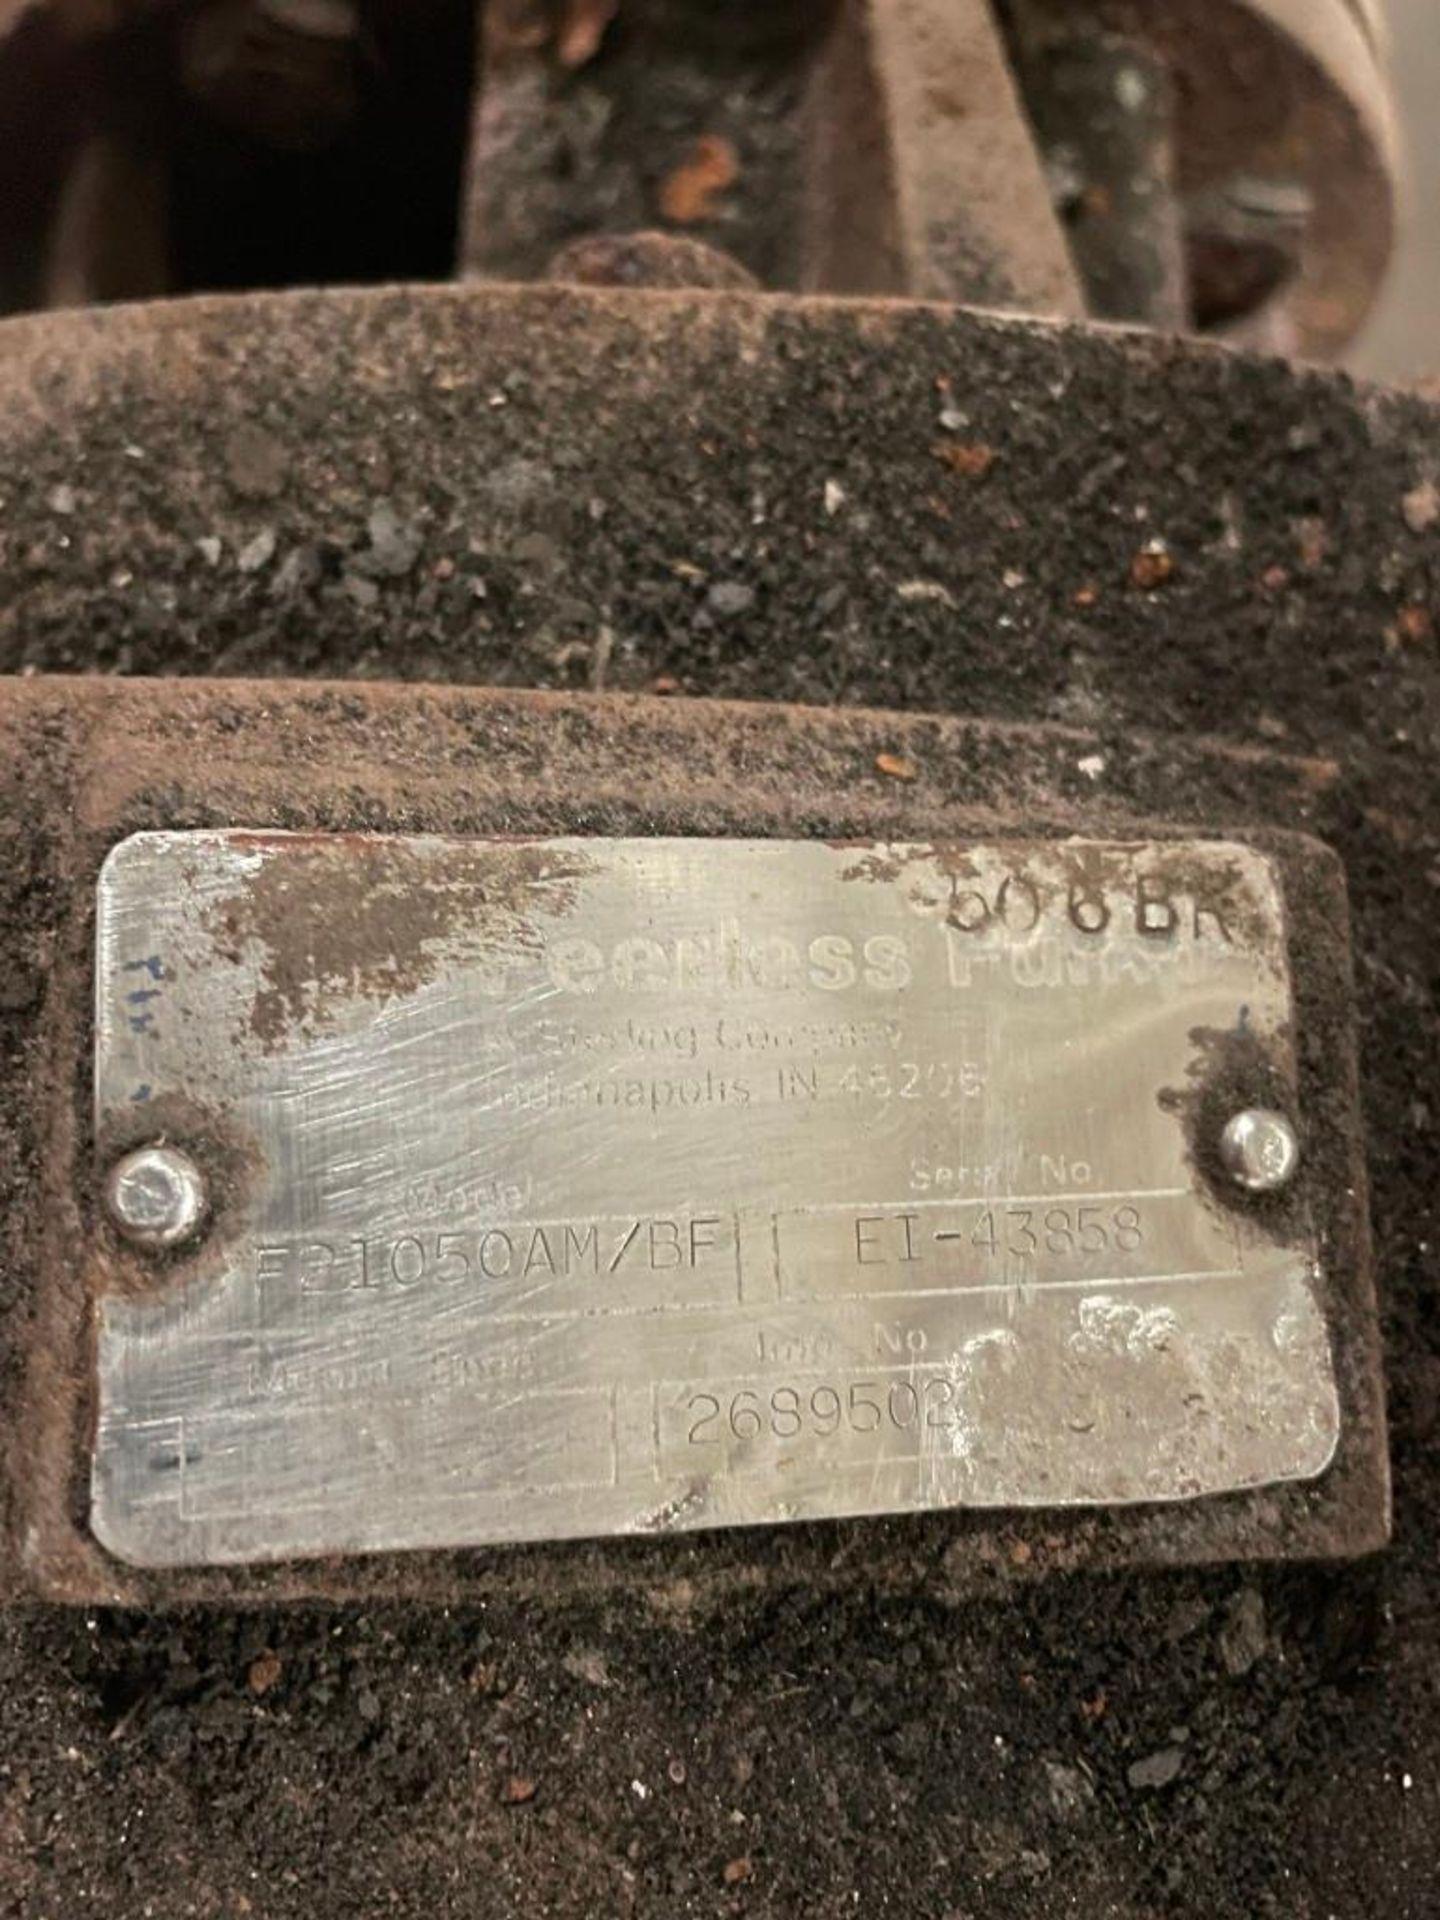 Peerless Pump with 10 Horsepower Baldor Motor - Image 3 of 5